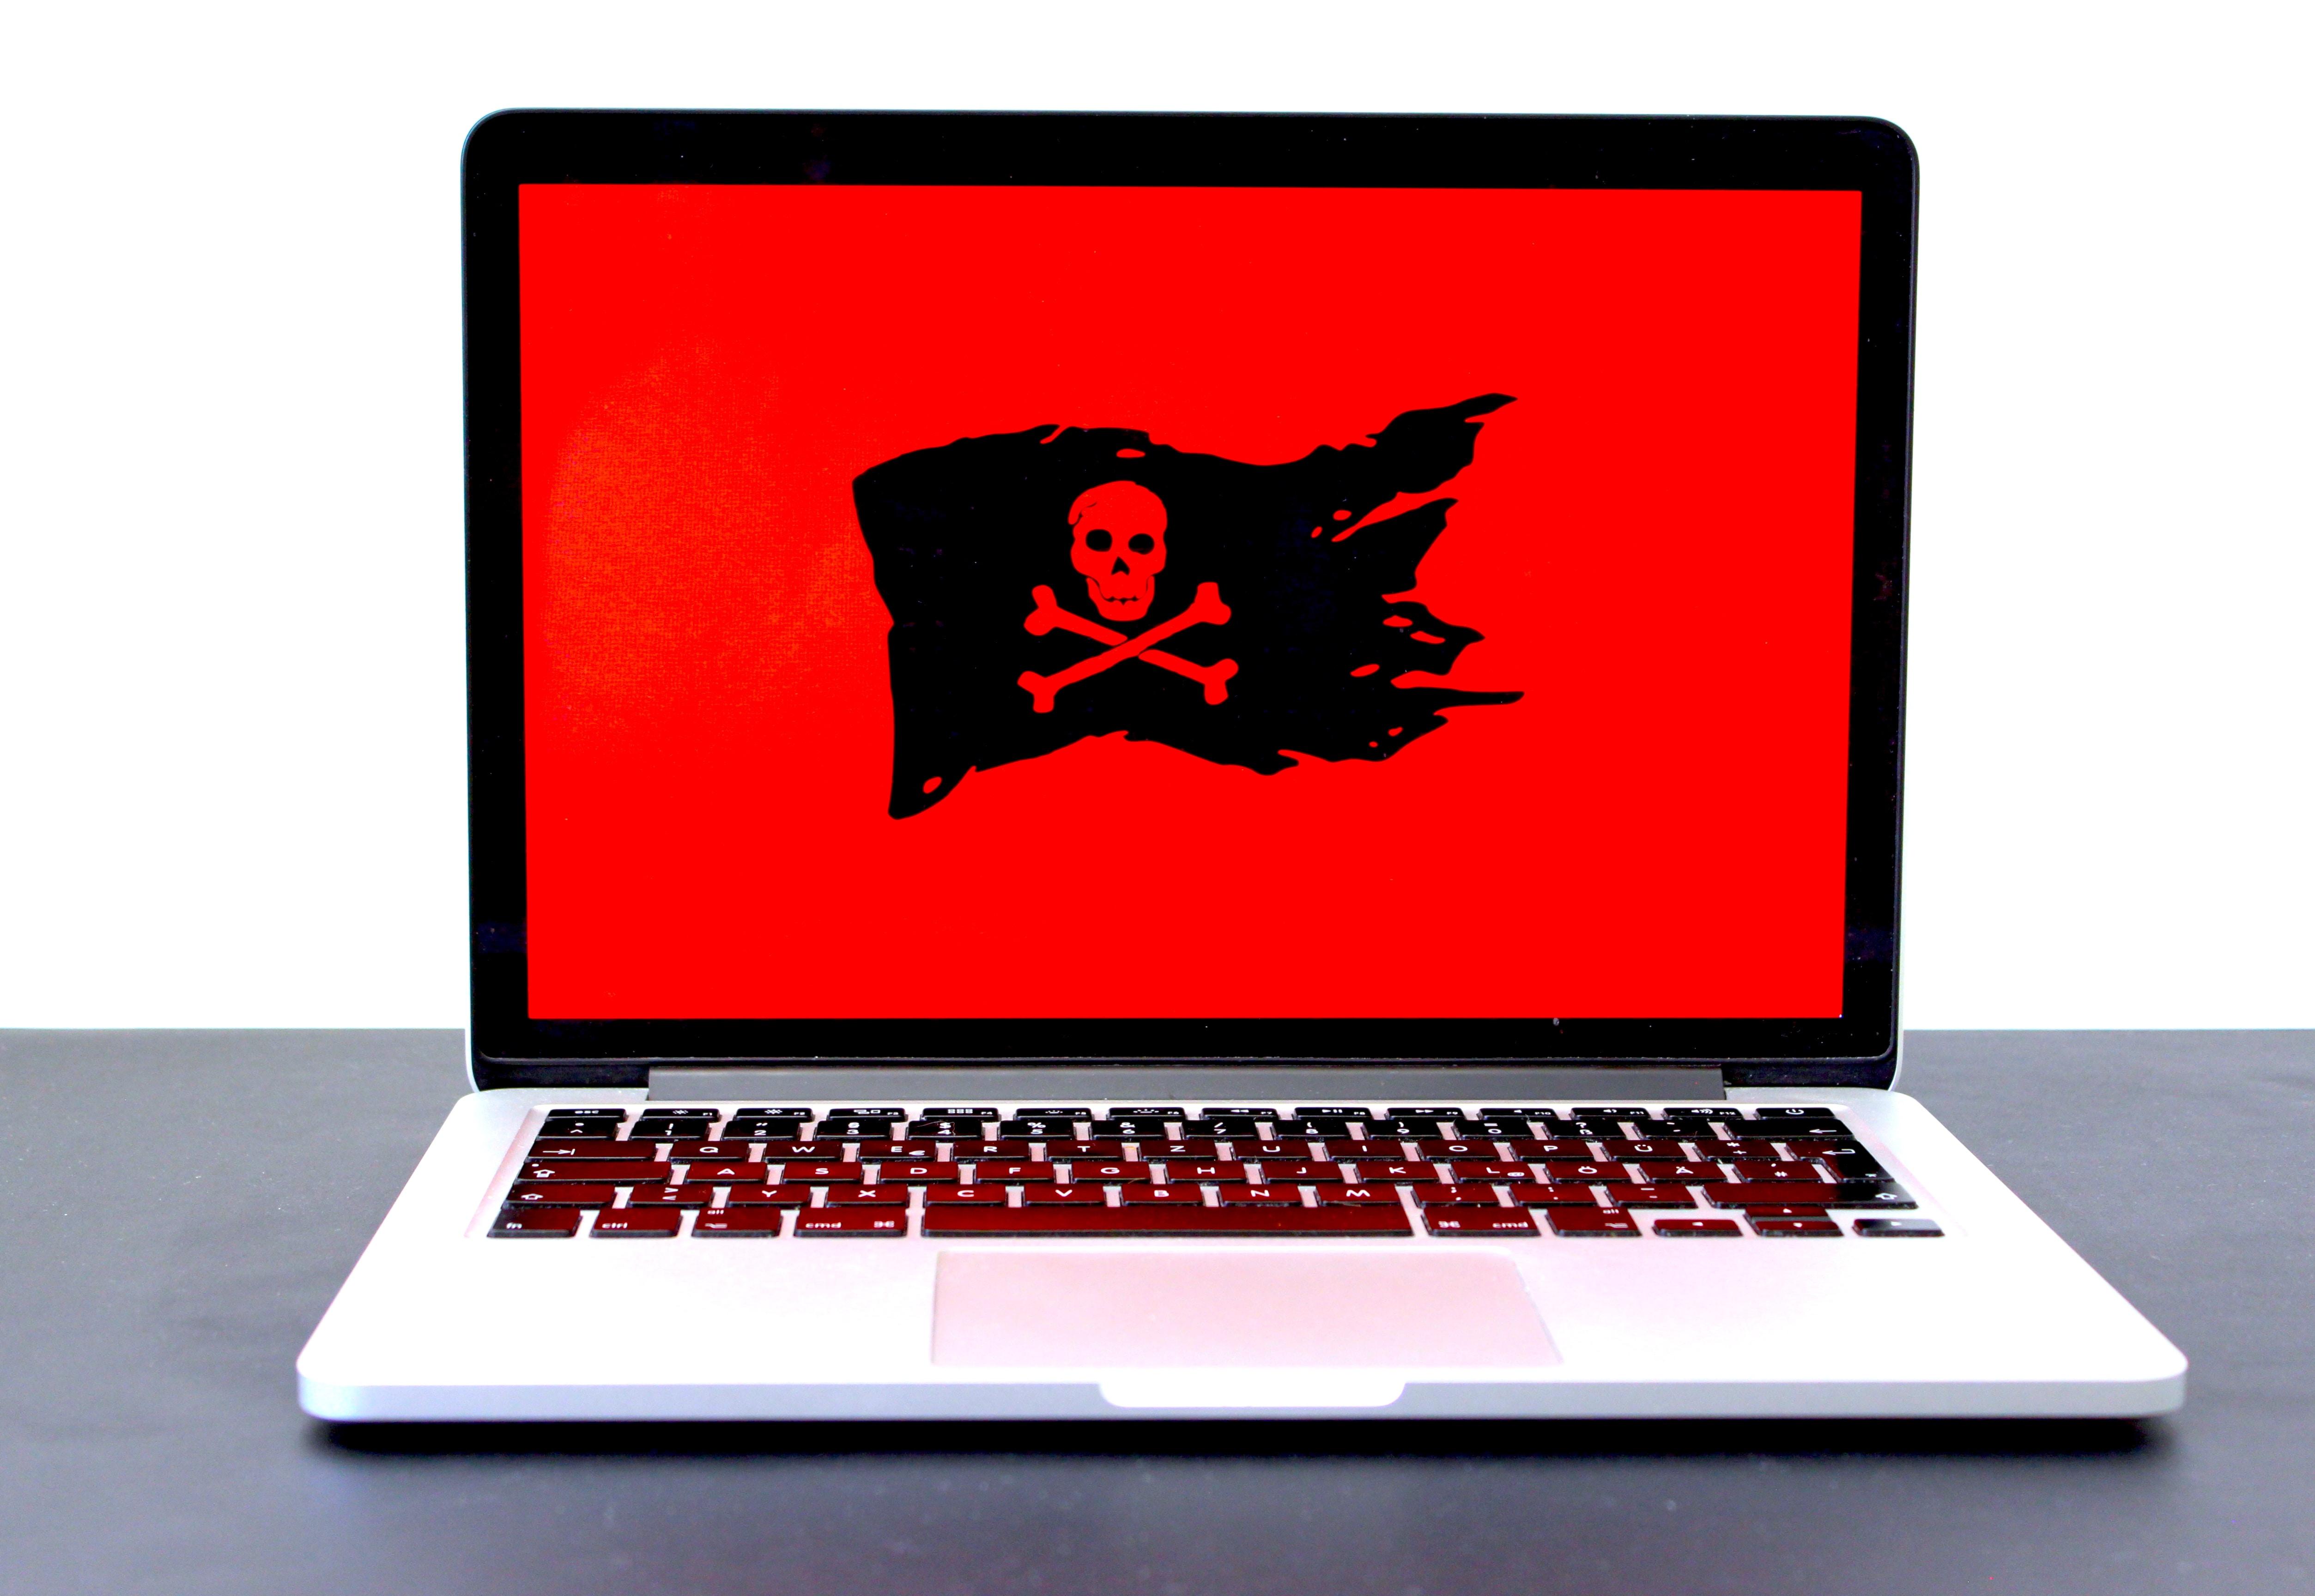 5 Langkah Mencegah Dan Menghindari Cyber Crime Artikel Berita Terbaru Tentang Web Developer